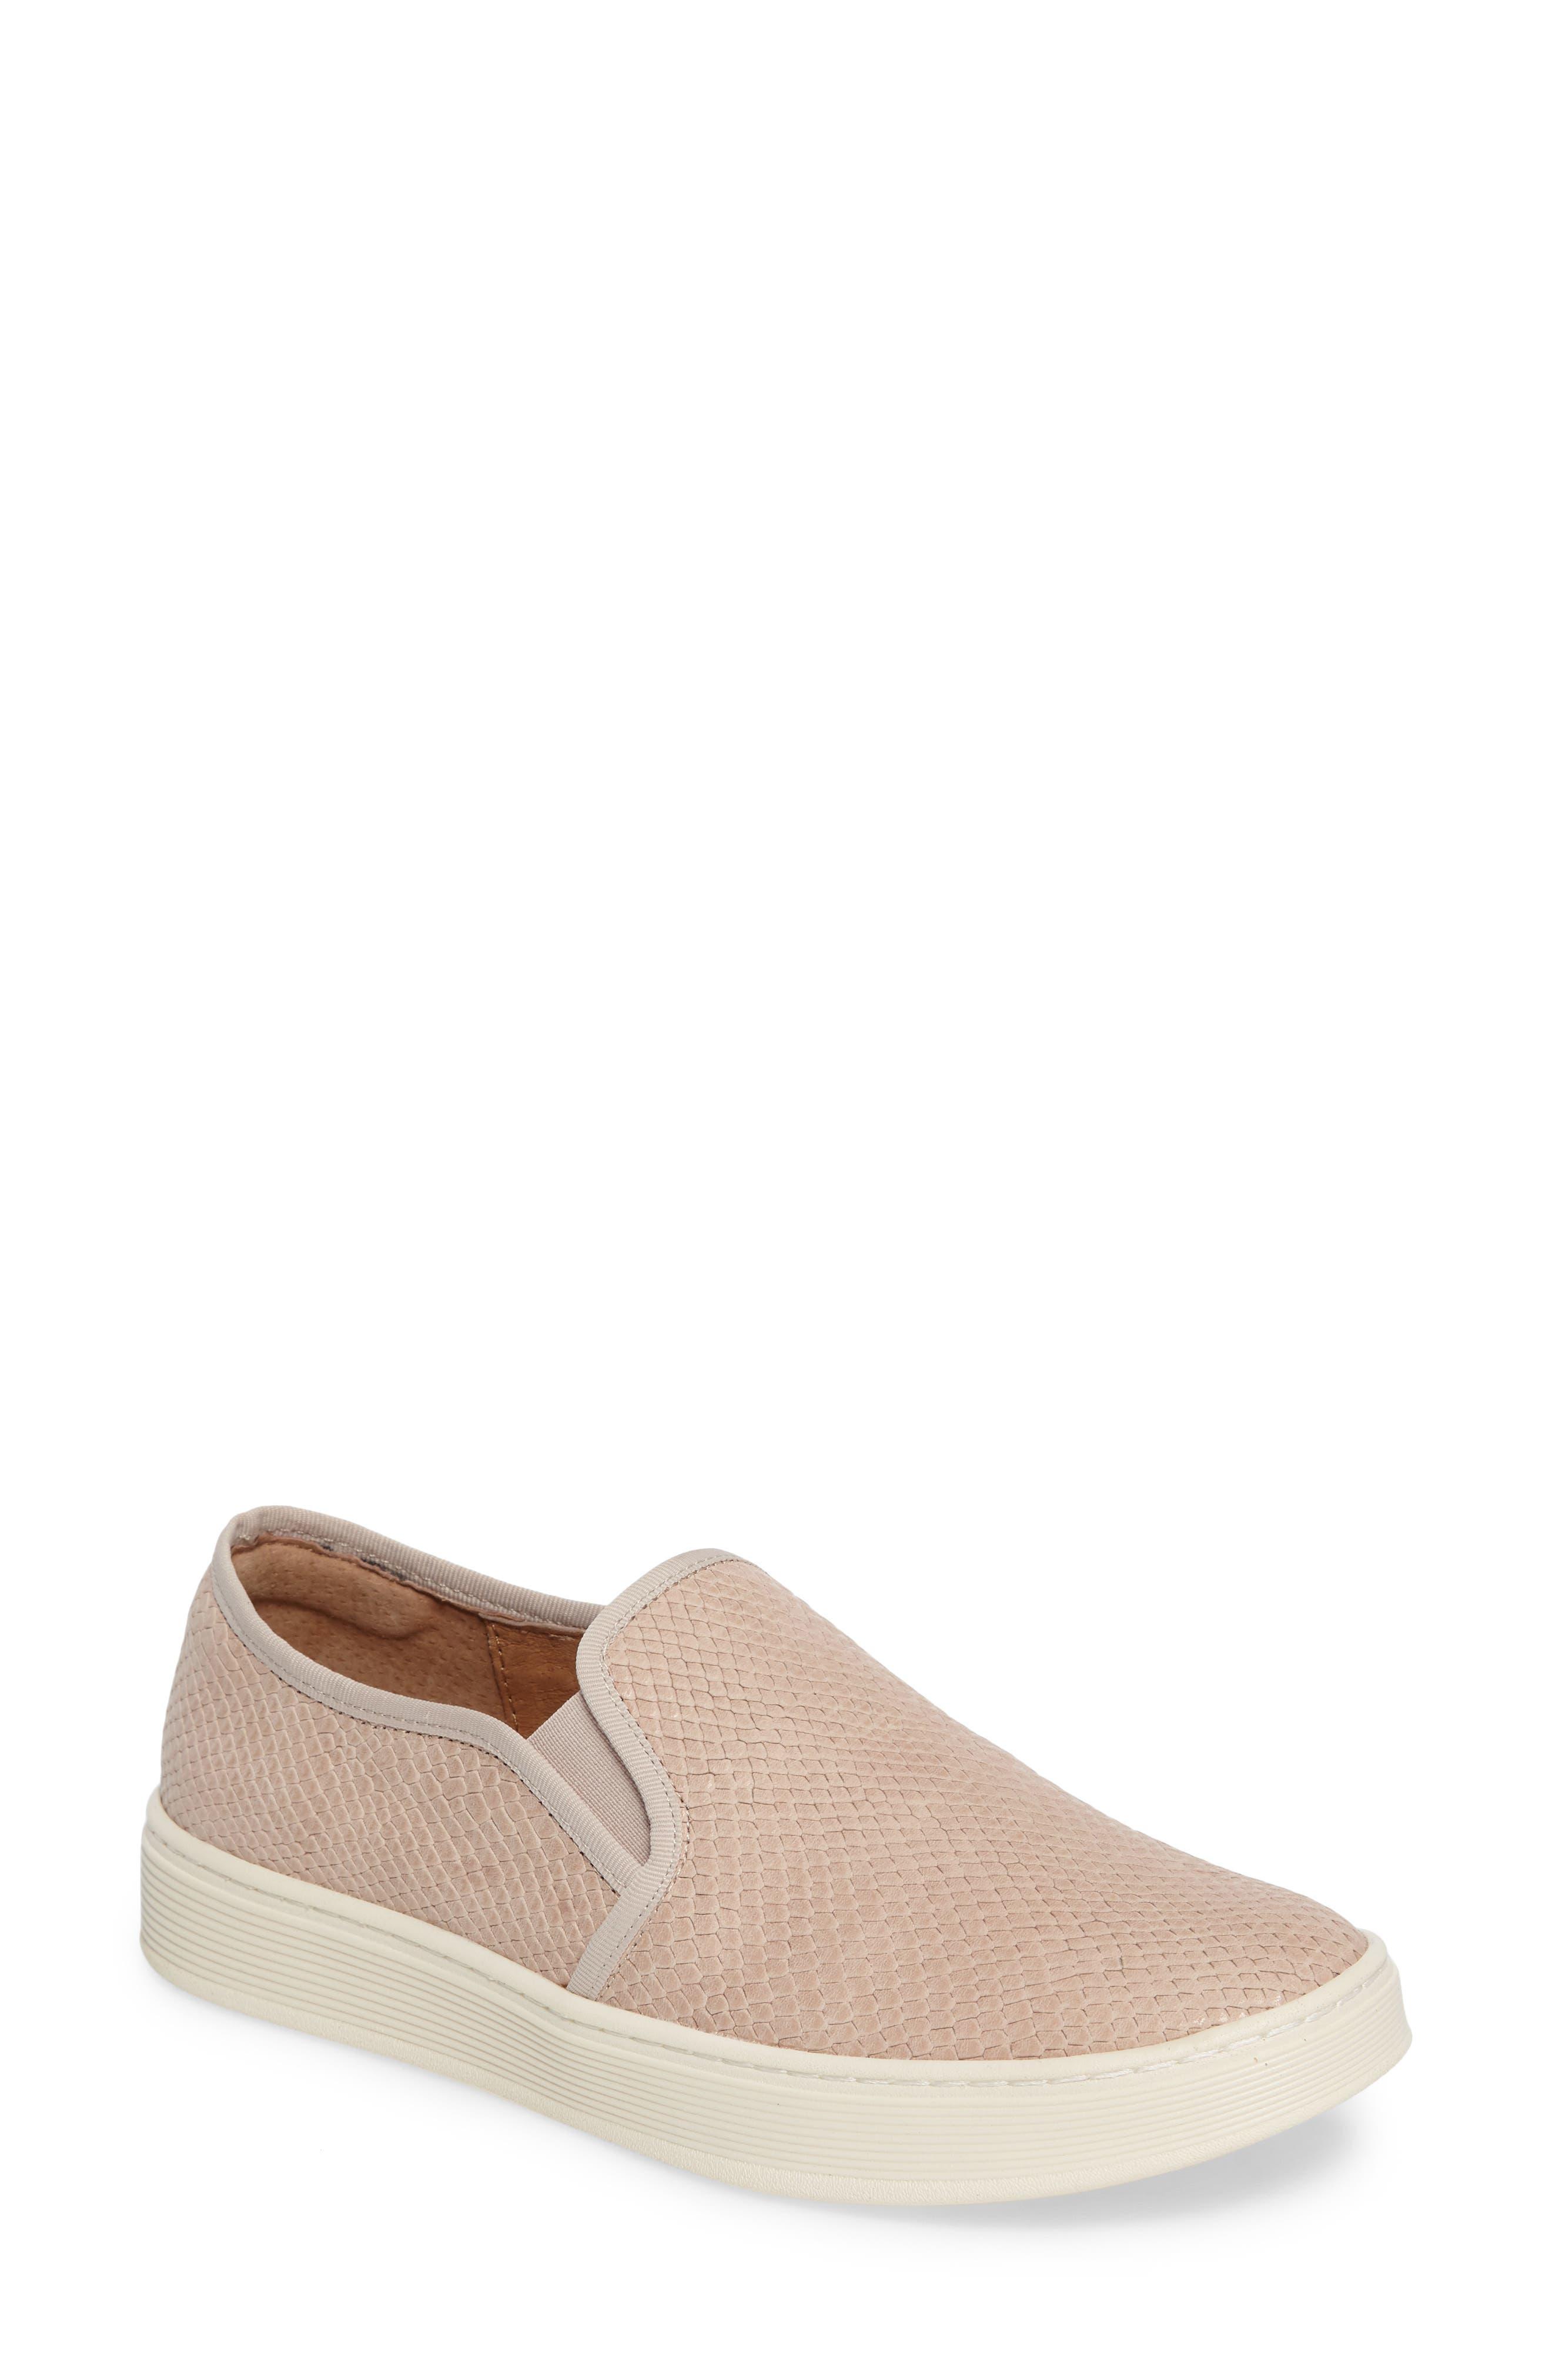 Alternate Image 1 Selected - Söfft 'Somers' Slip-On Sneaker (Women)